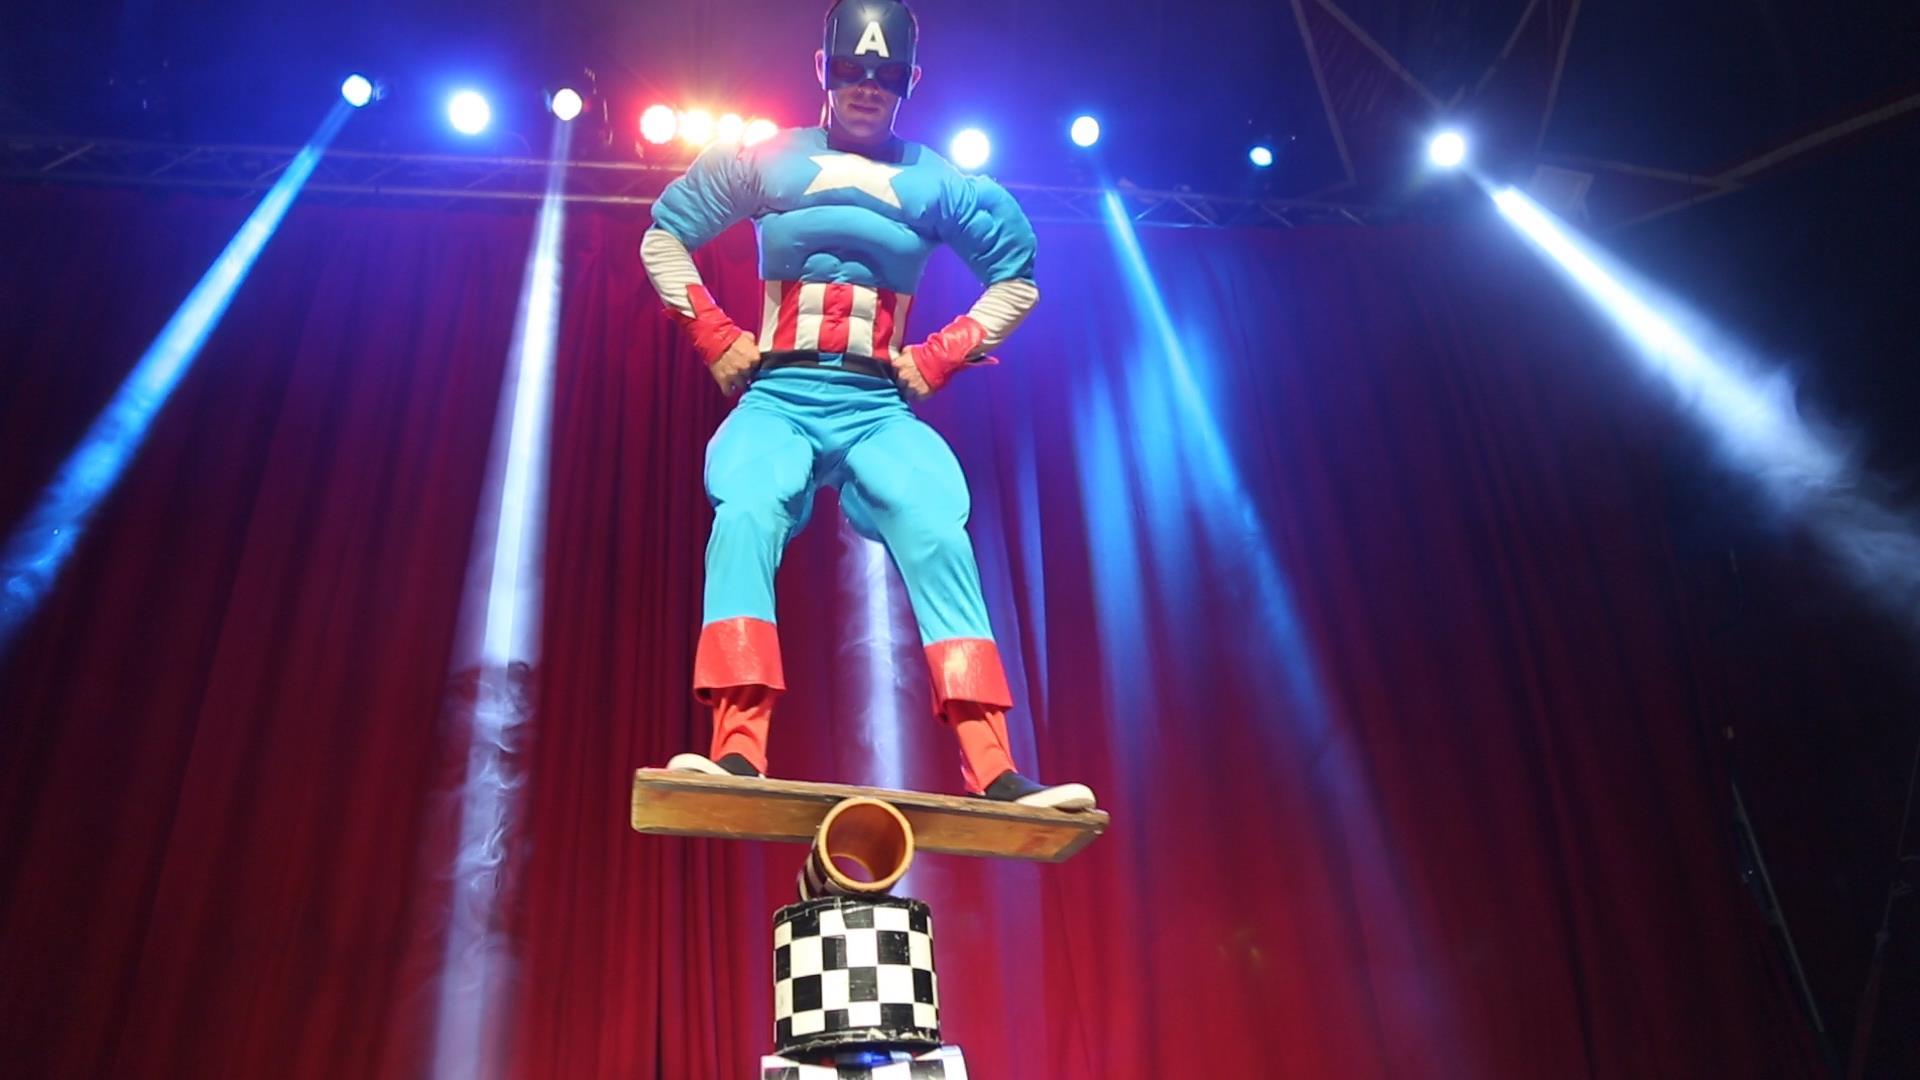 קרקס גיבורי על 2 (צילום: דודי מוסקוביץ)